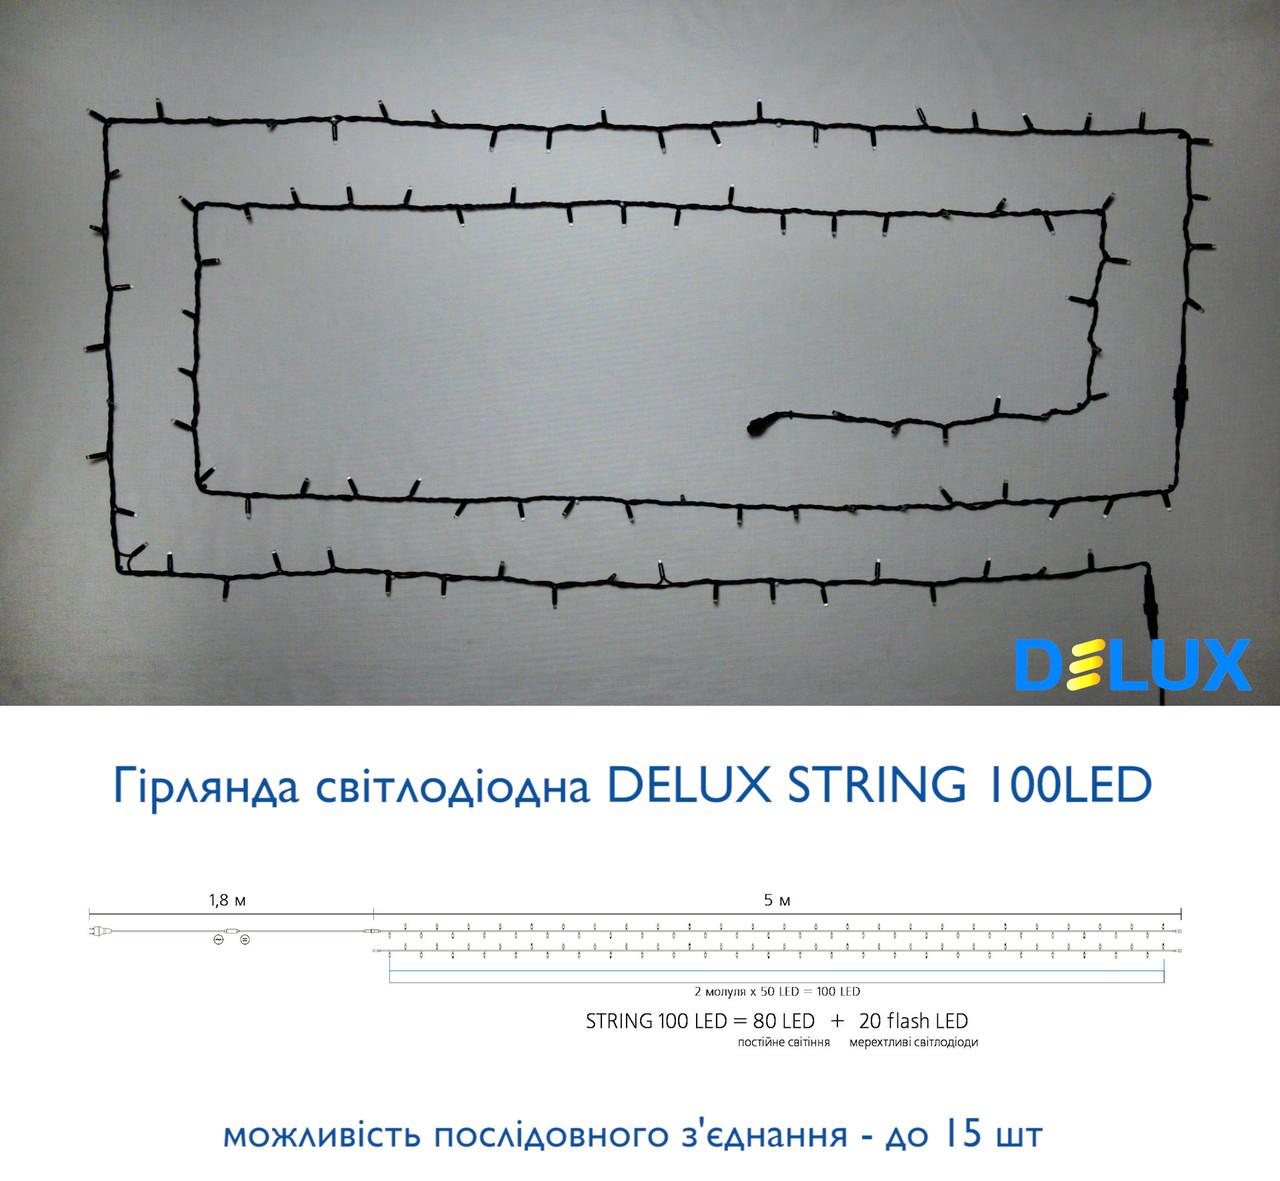 Гирлянда уличная DELUX STRING 100LED 10m (2*5m) 20 flash янтарн/черн IP44 EN